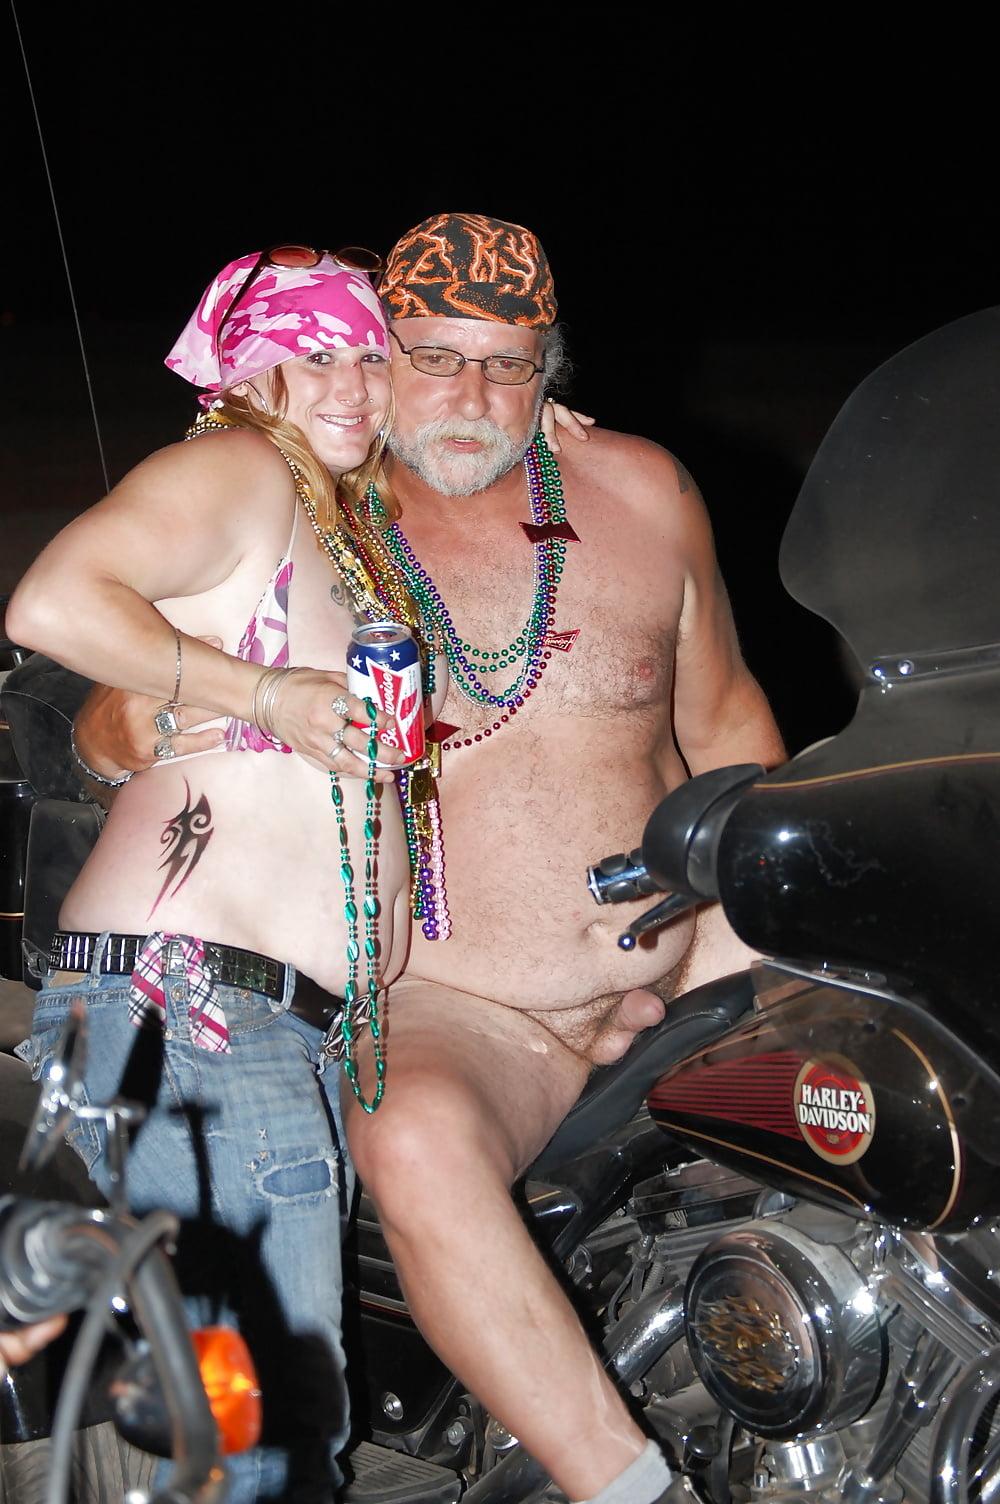 balls-nude-bikers-party